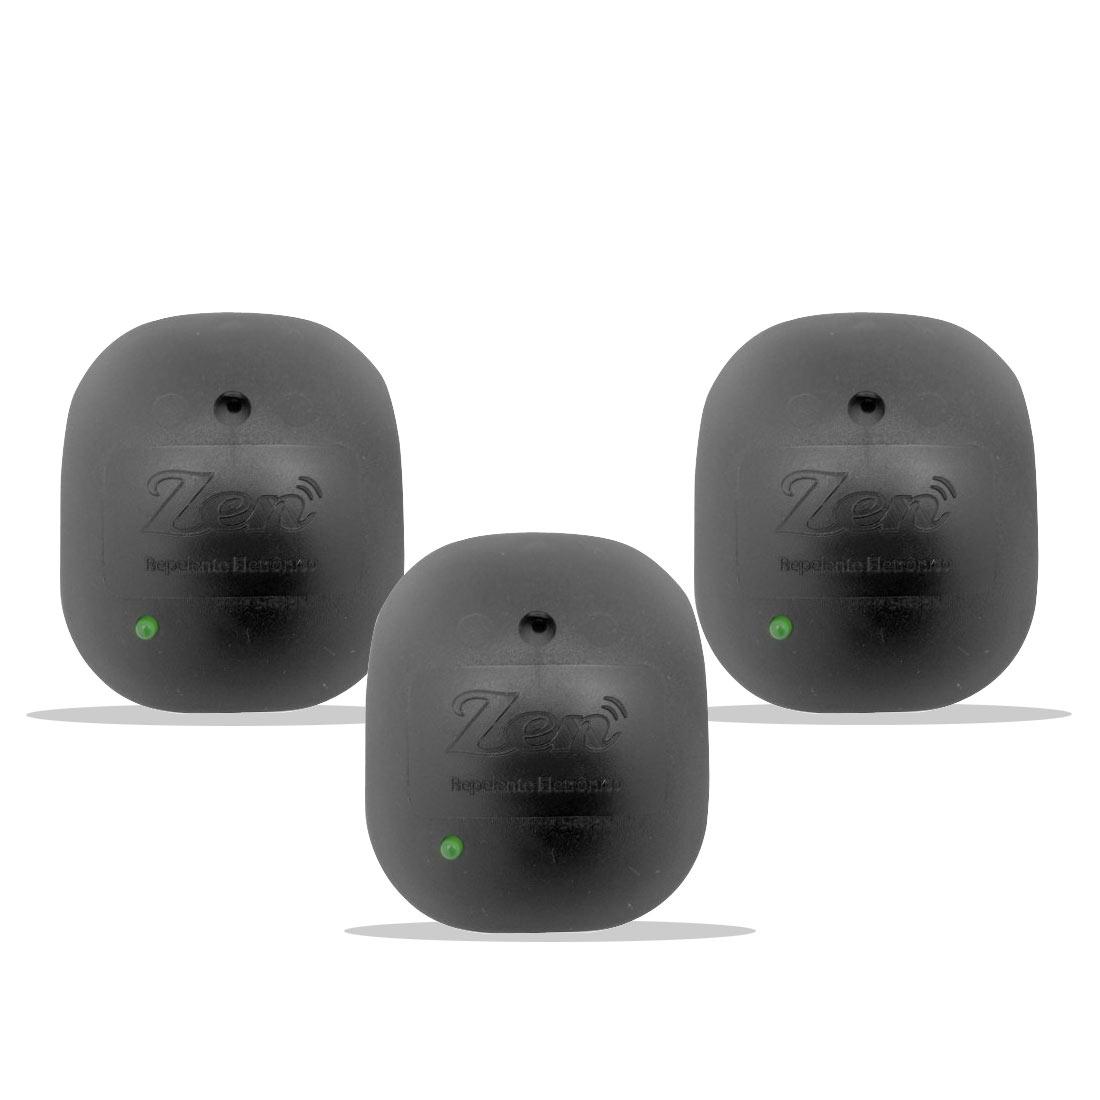 Repelente Eletrônico Zen Preto - Bivolt Inaudível - Econômico Leve - 3 Unidades